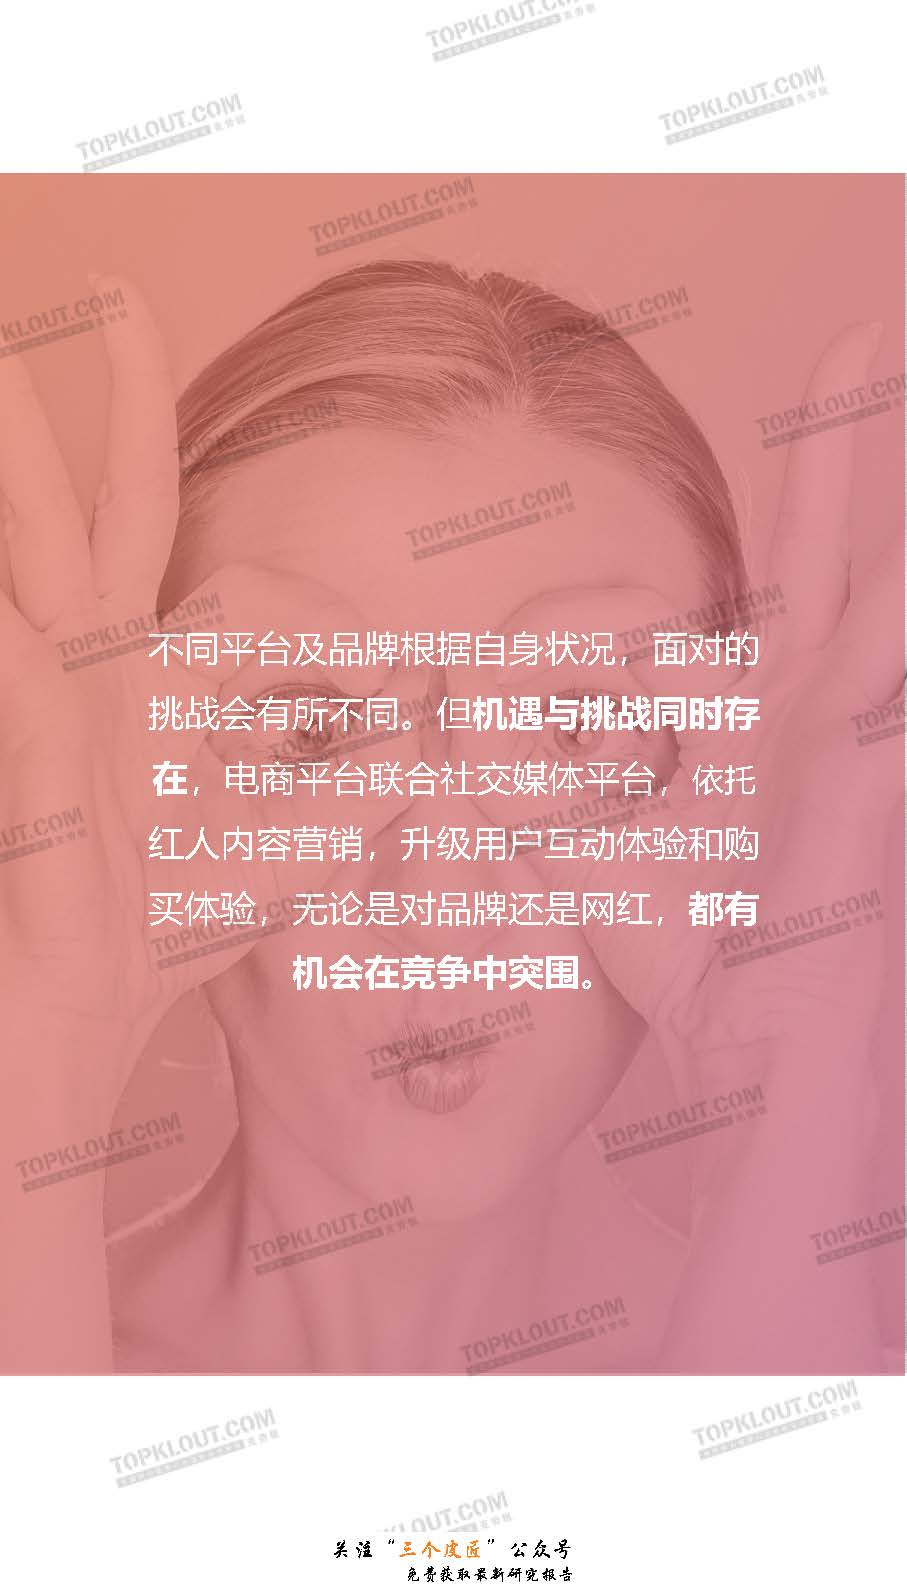 克劳锐:2018红人影响力白皮书_页面_18.jpg